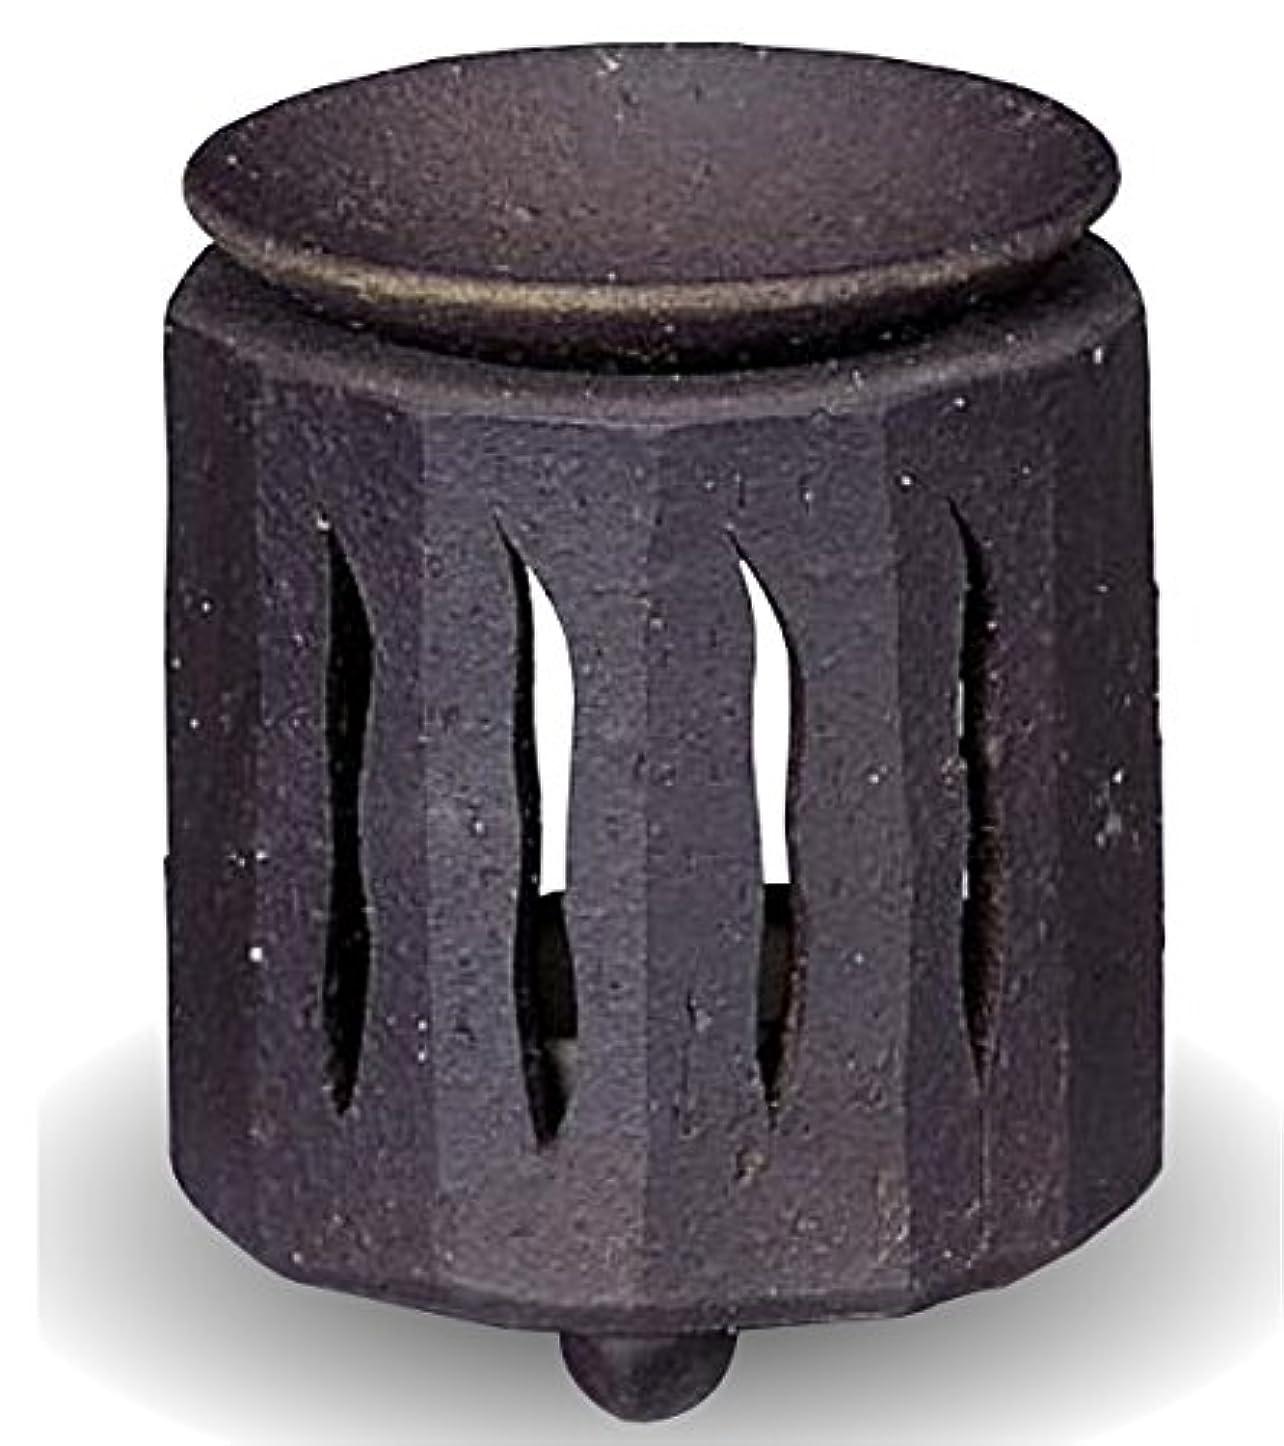 花嫁不利スープ常滑焼 茶香炉(アロマポット)径9×高さ11cm